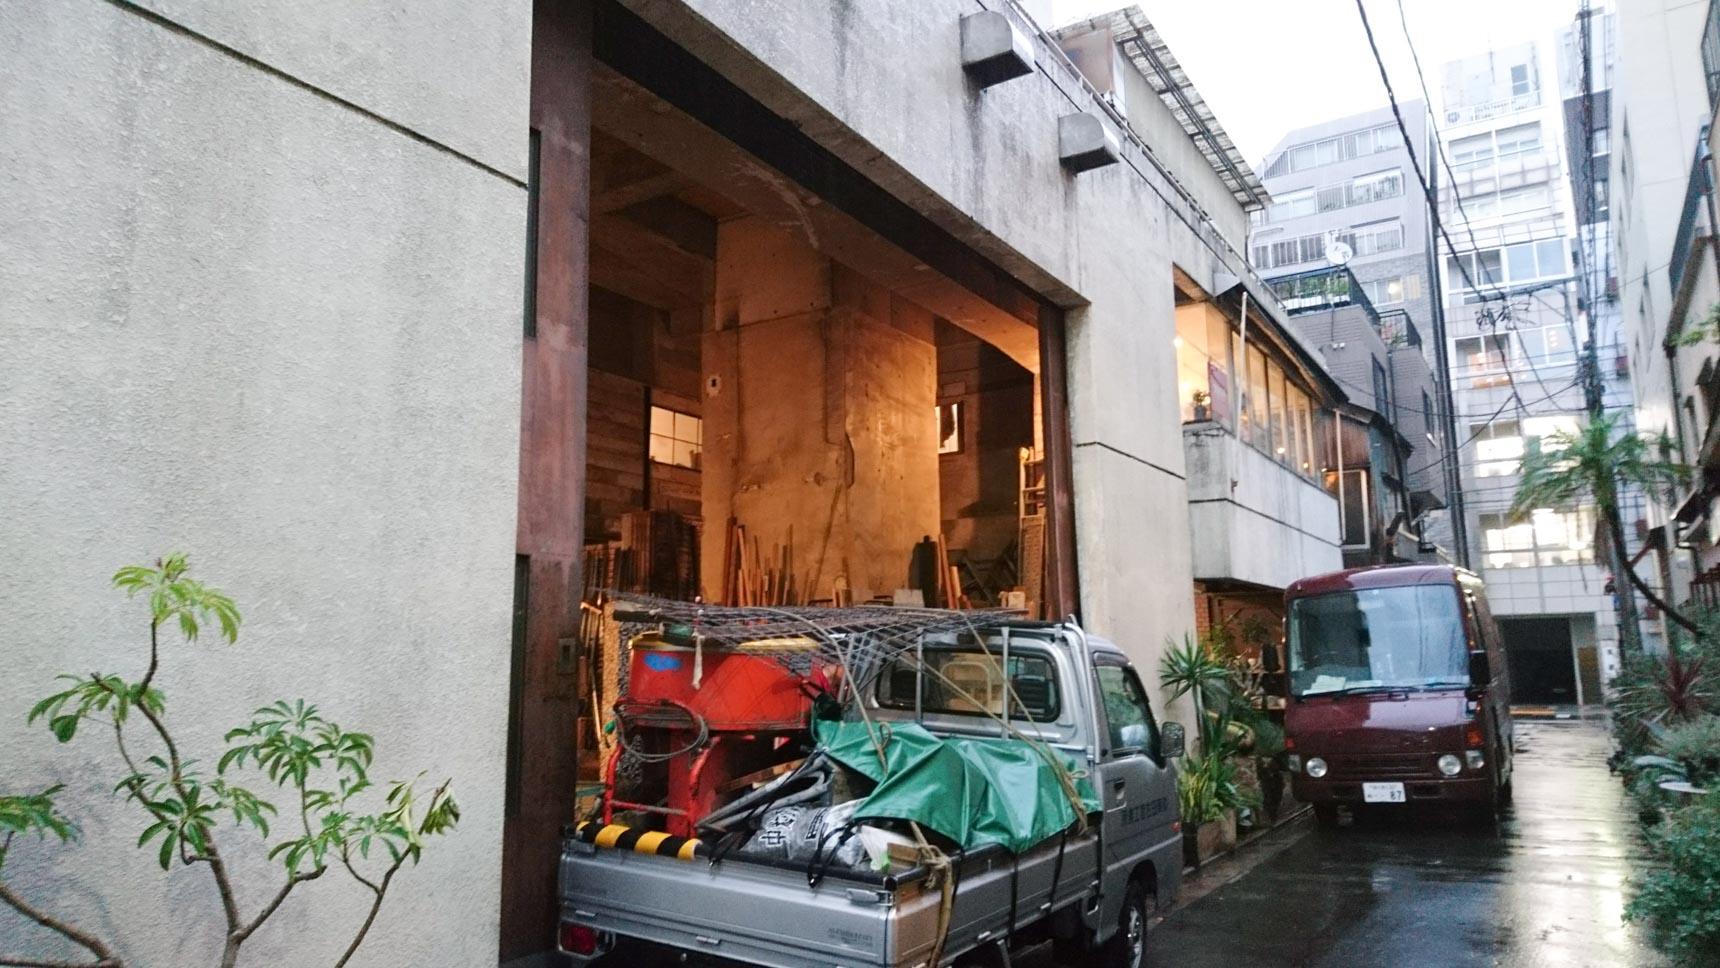 古いビルのリノベーションの経験から、廃材を利用・再生して家具や雑貨を販売。左側の建物は、その廃材の倉庫としても使われています。